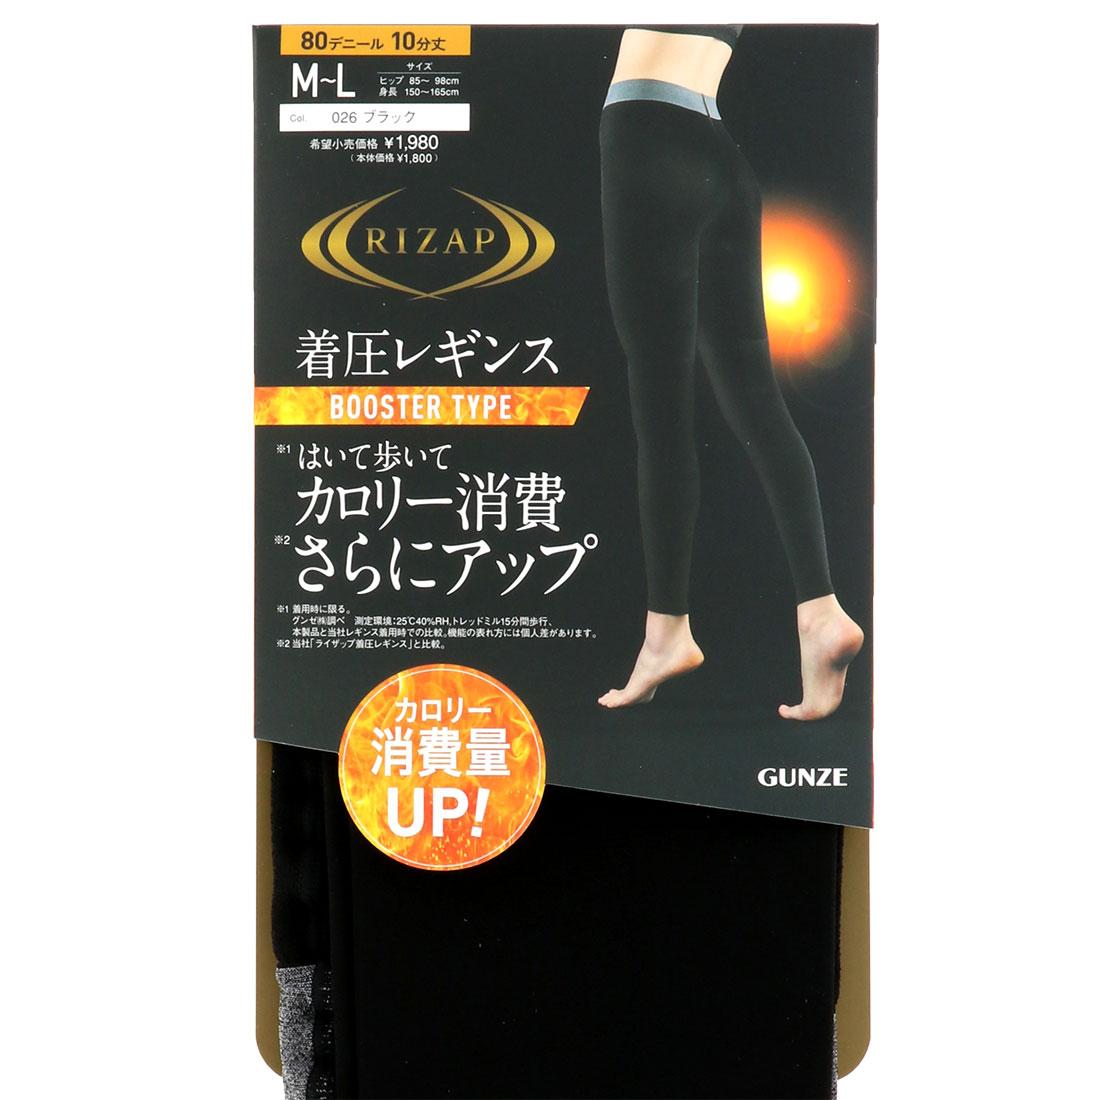 さらに負荷を高めたブースタータイプ RIZAP 着圧レギンス ブースタータイプ 10分丈 はいて歩いてカロリー消費 80デニール 黒 (M-L・L-LL) 日本製 グンゼ ライザップ (メール便送料無料)